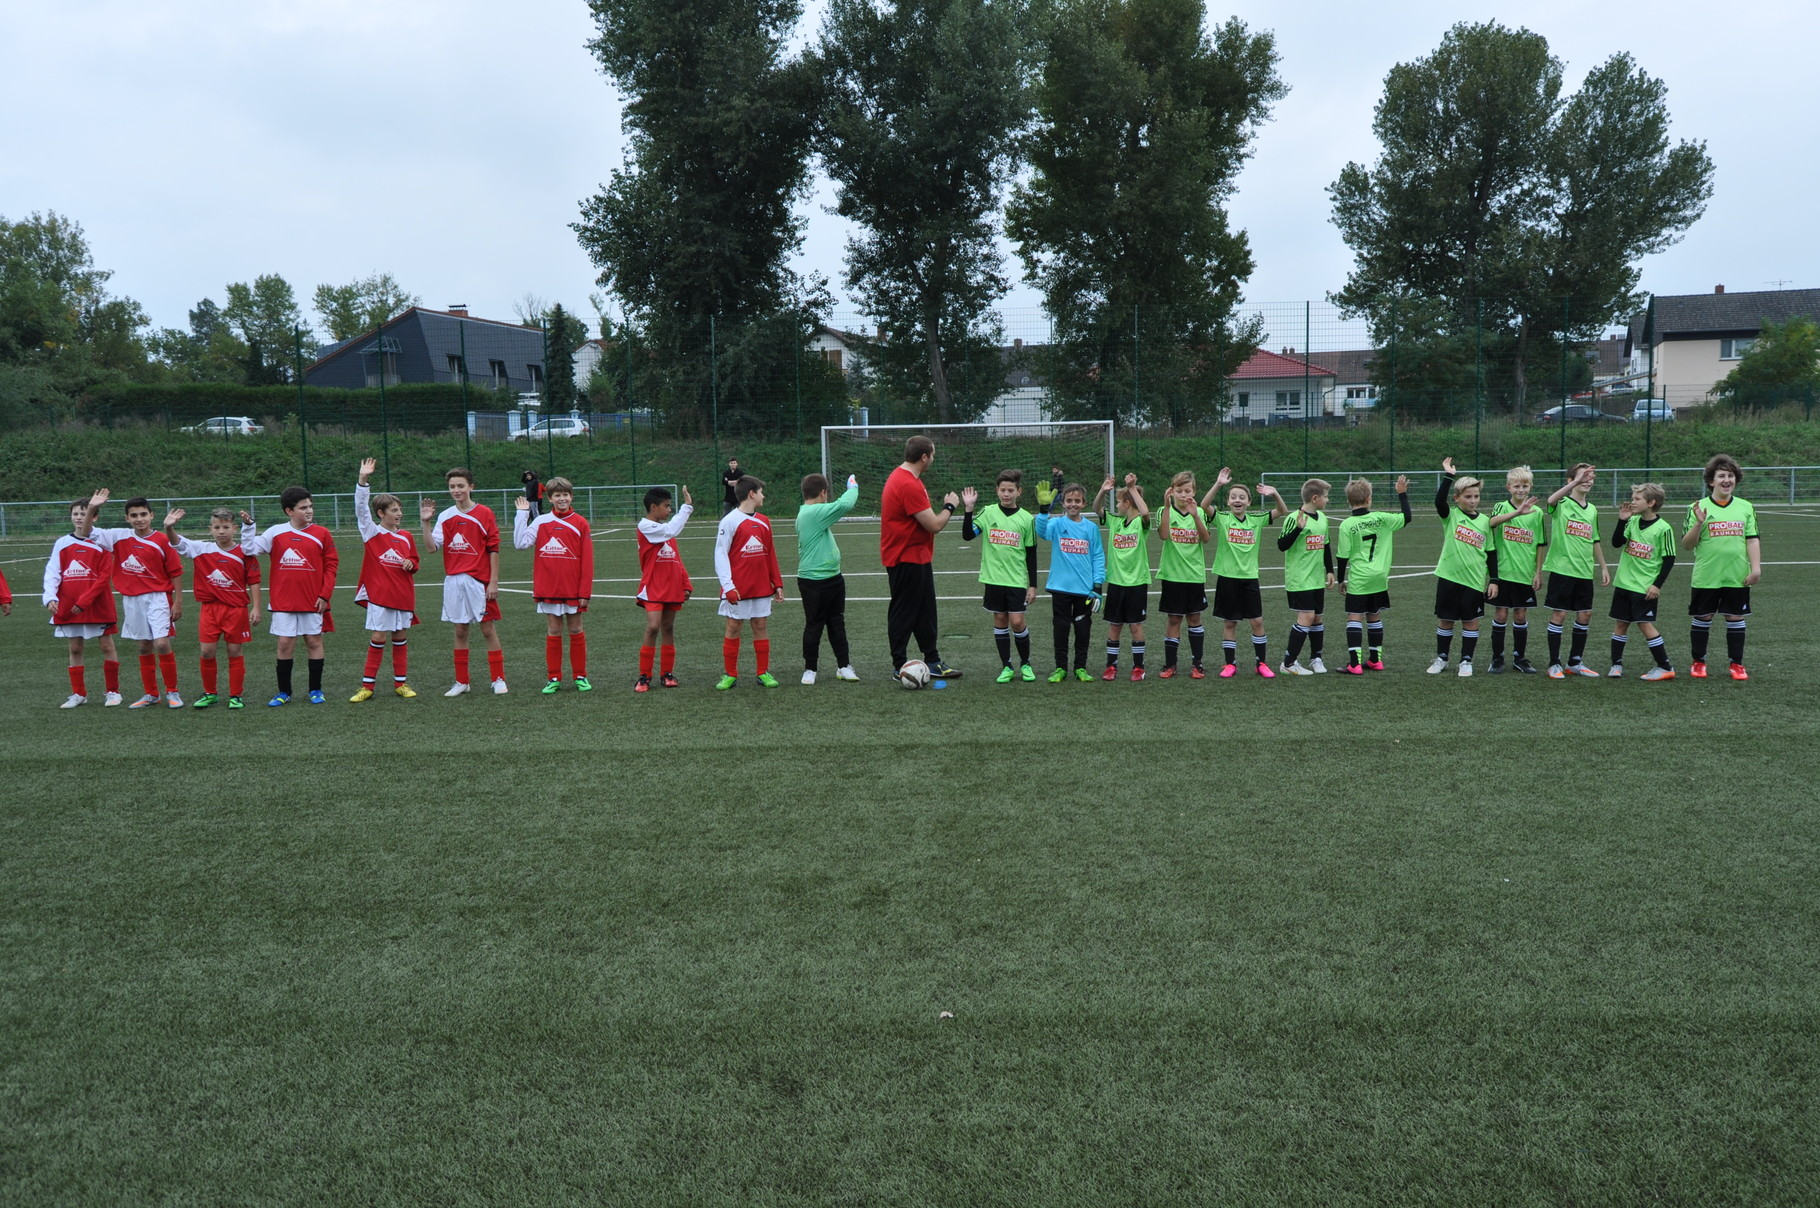 Nach dem Abklatschen gab es für unsere Jungs trotz zahlreicher Chancen leider eine 0:2-Niederlage.